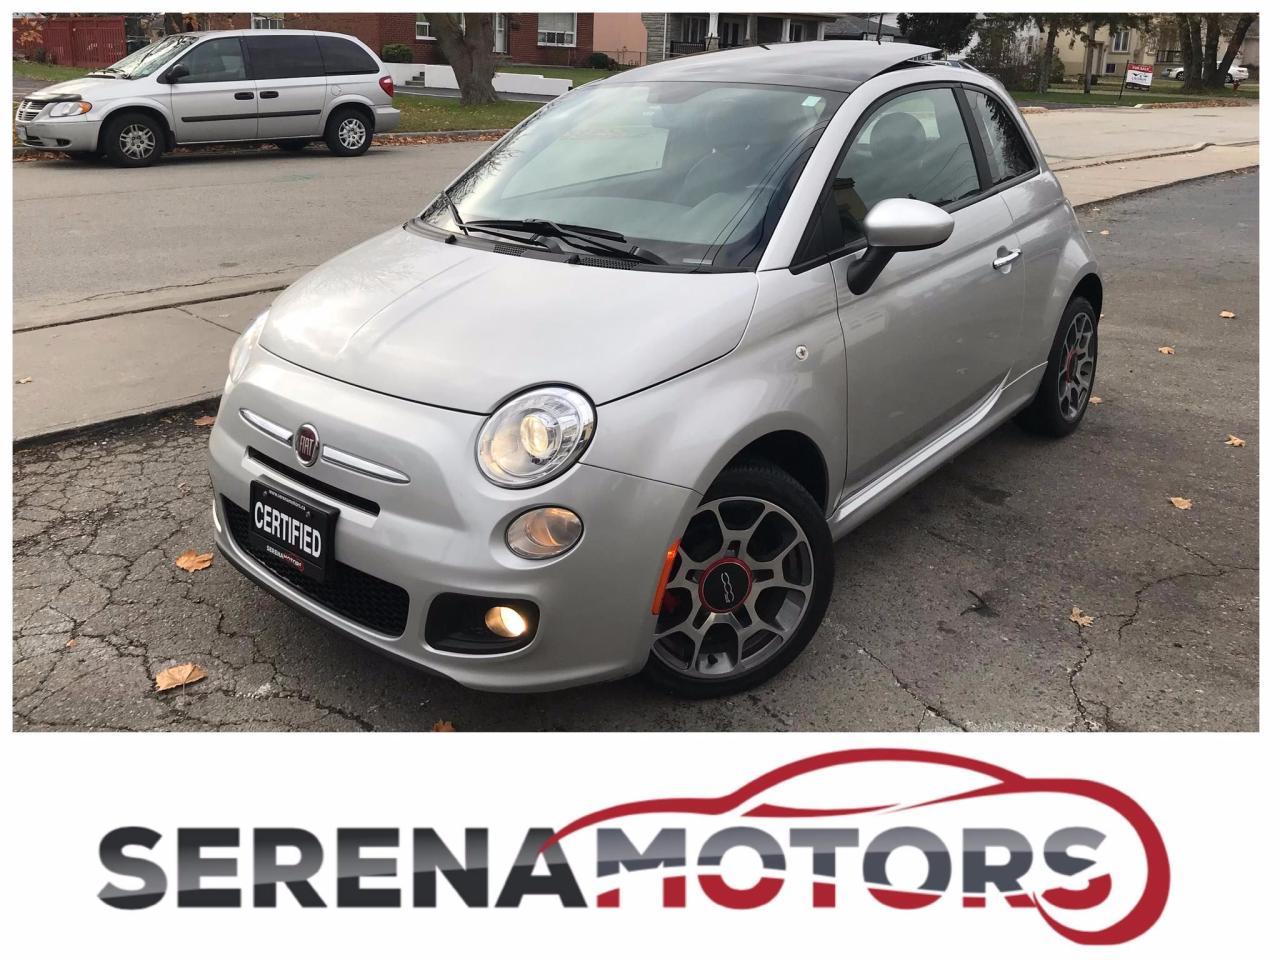 Fiat Serena Motors Ltd - Fiat inventory